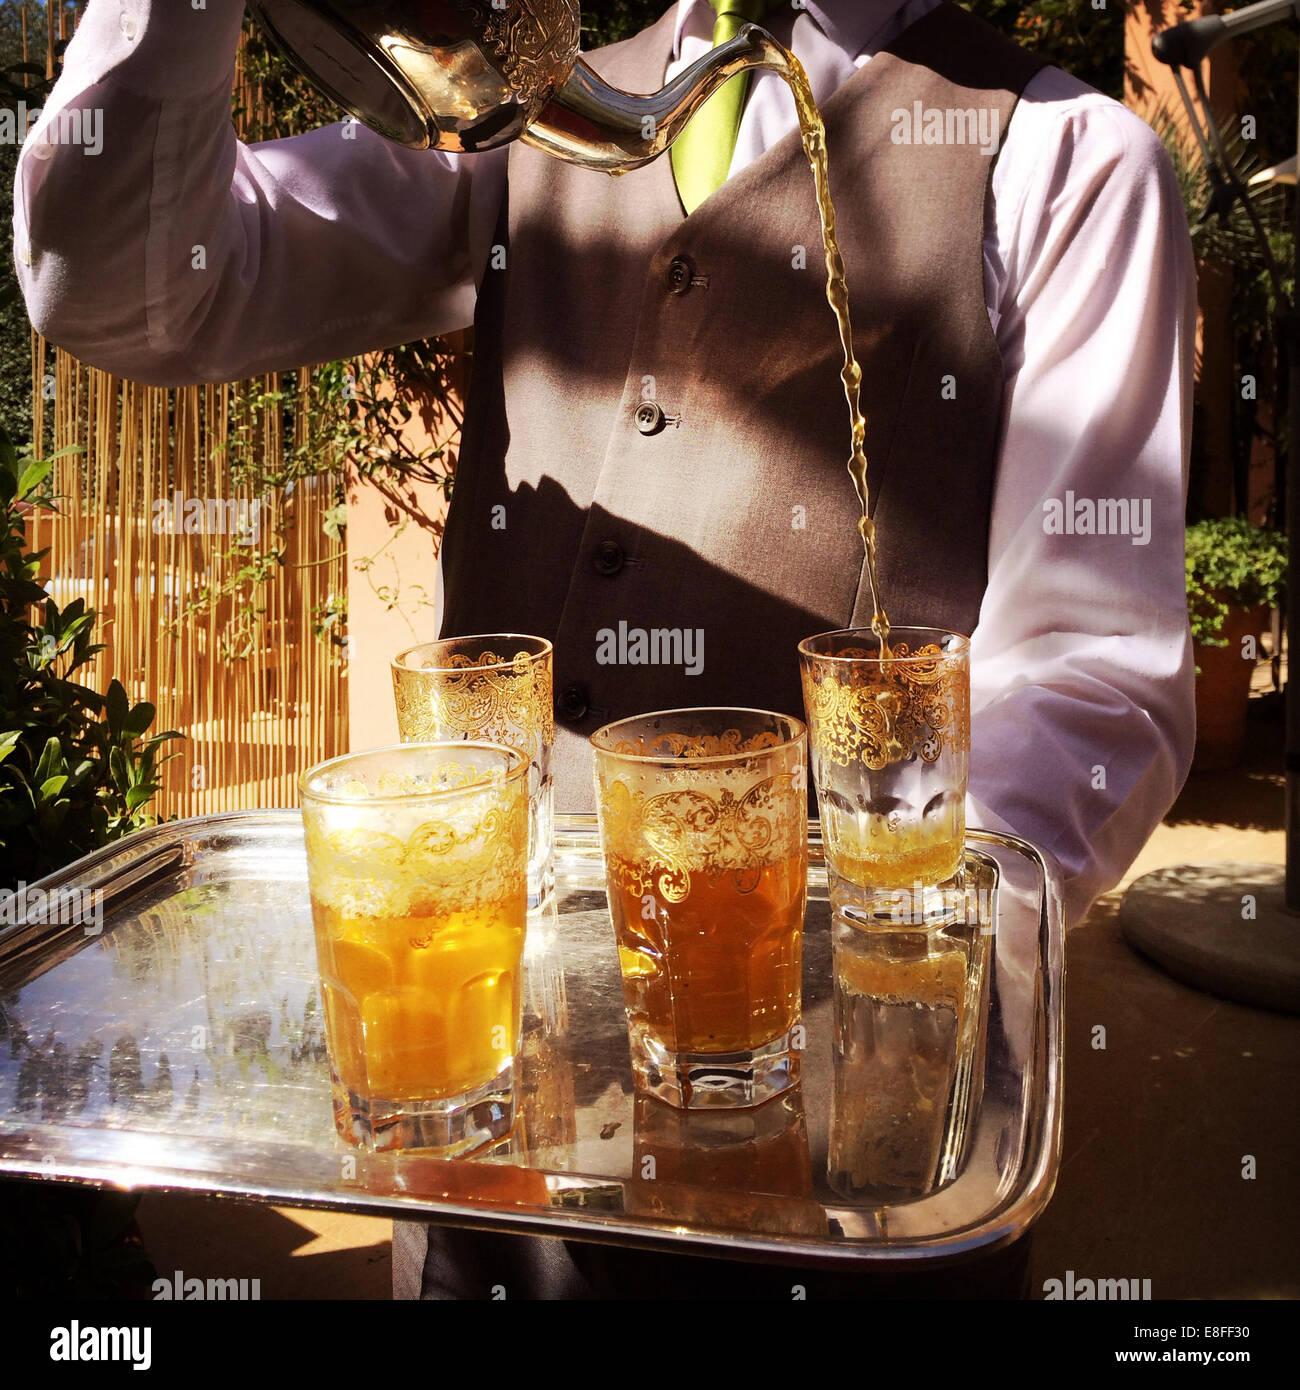 Il Marocco, Marrakech, cameriere versando il tè durante la cerimonia del tè Immagini Stock